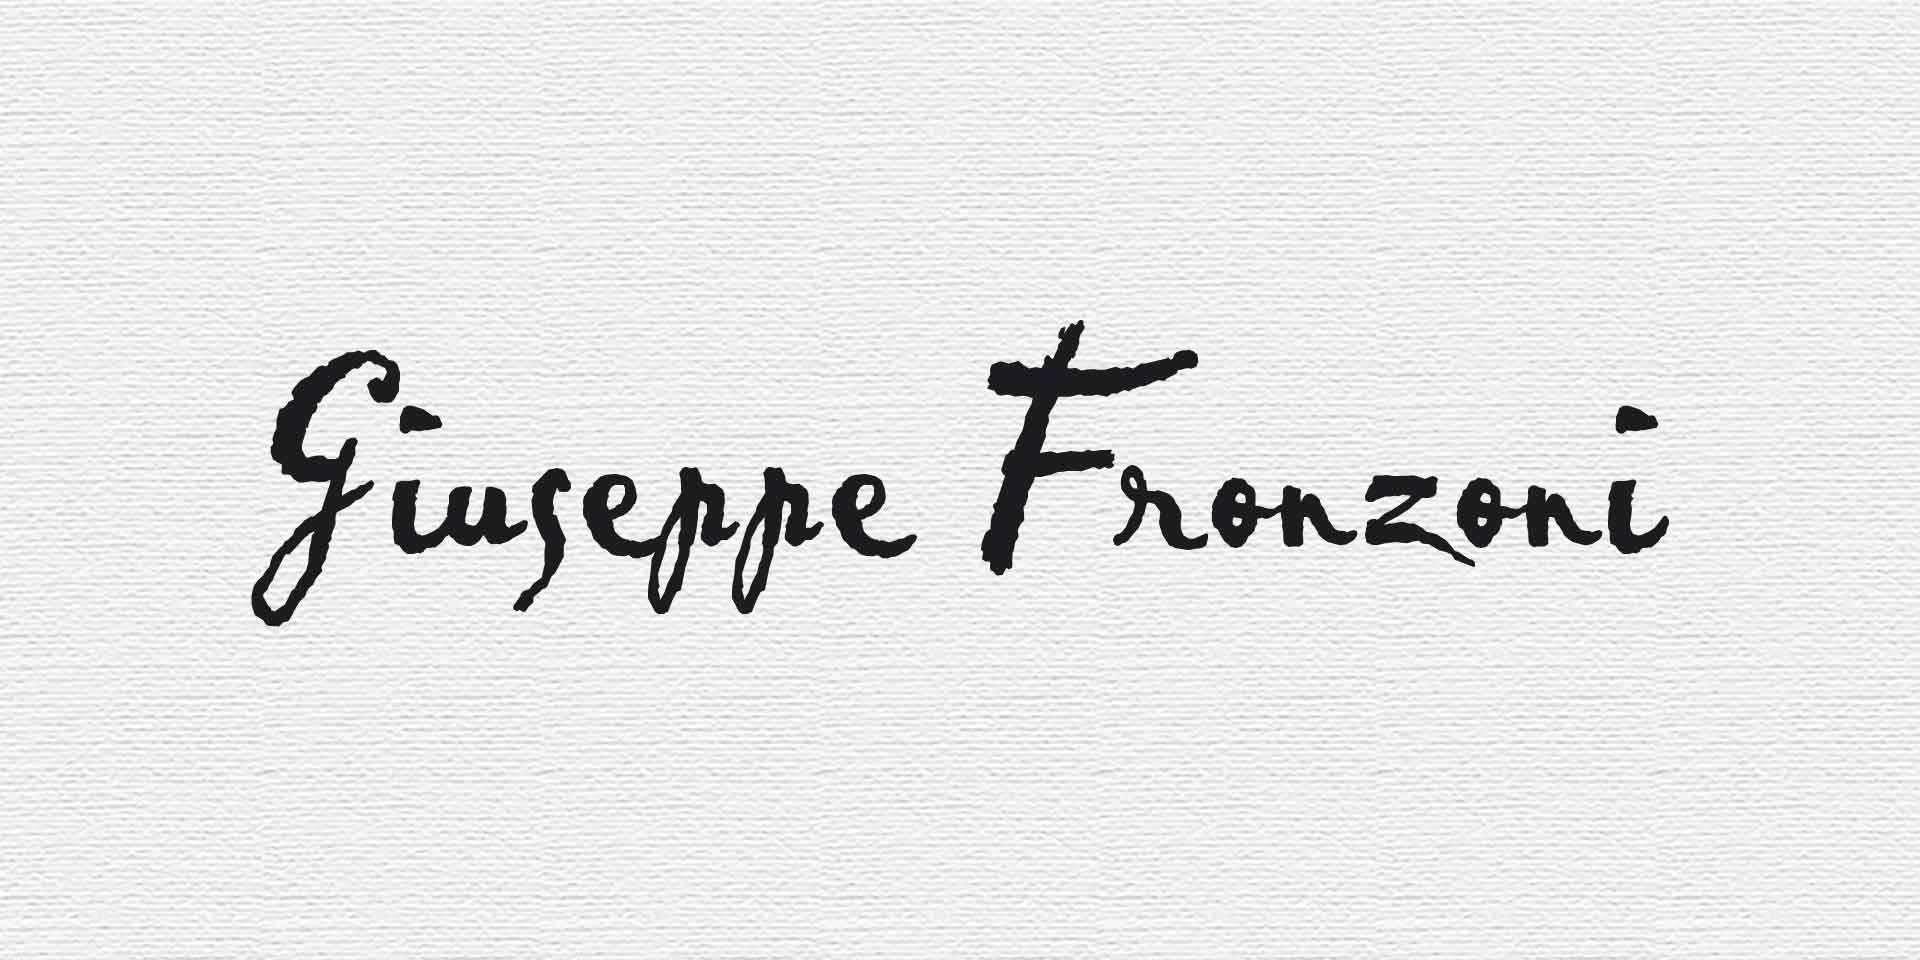 Giuseppe Fronzoni